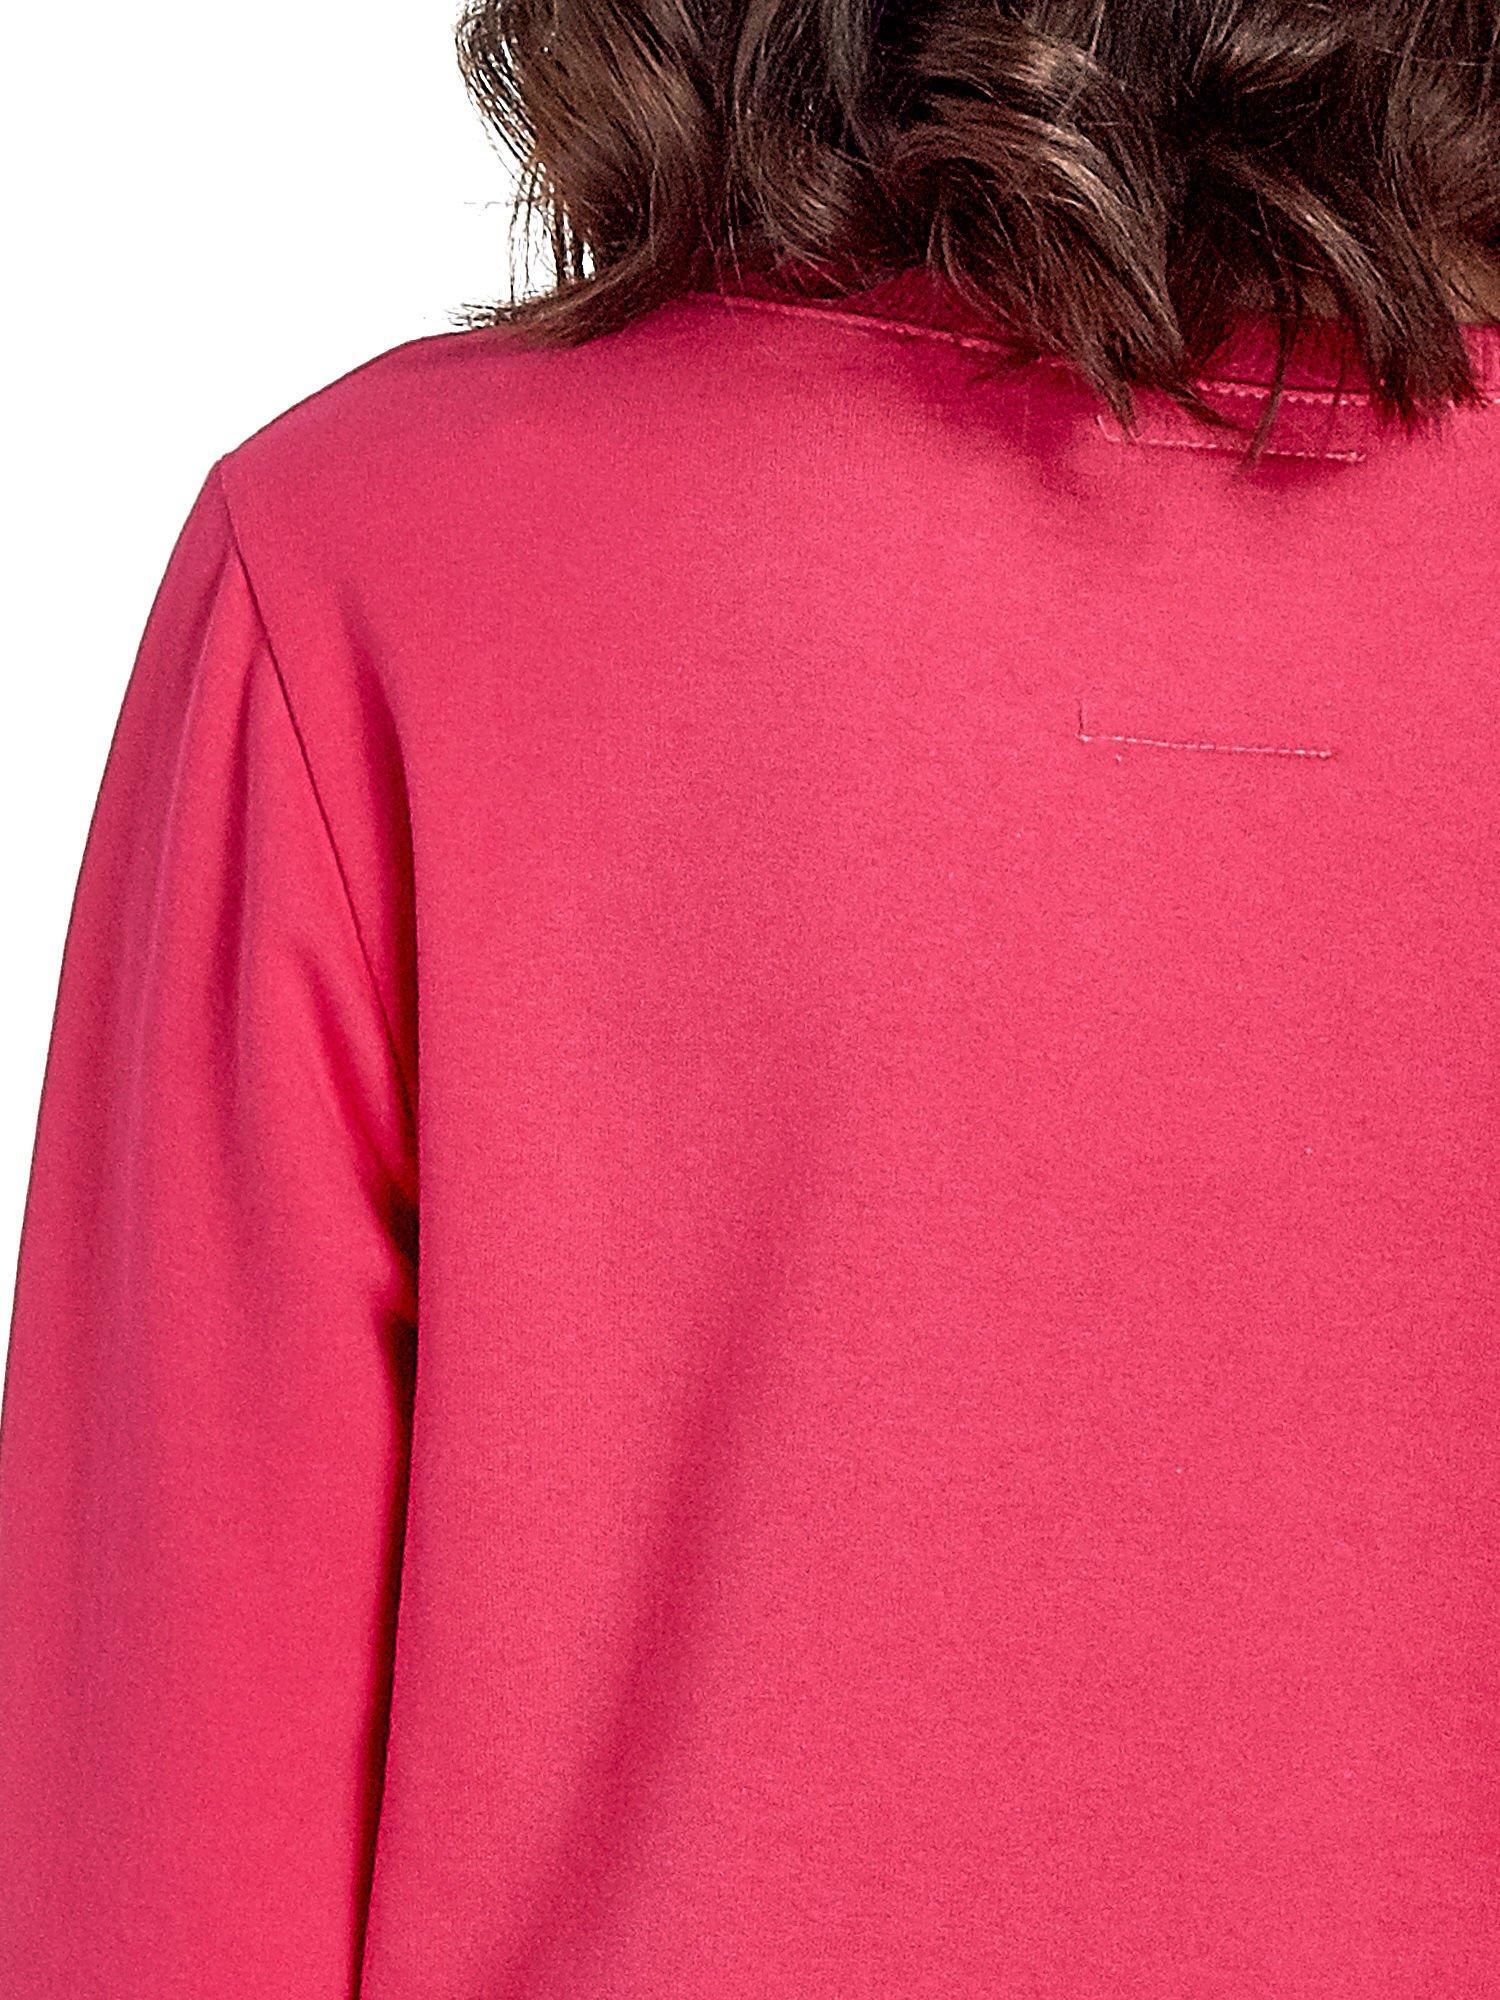 Różowa klasyczna bluza damska z napisem IN LIFE SIMPLE IS BEST                                  zdj.                                  6